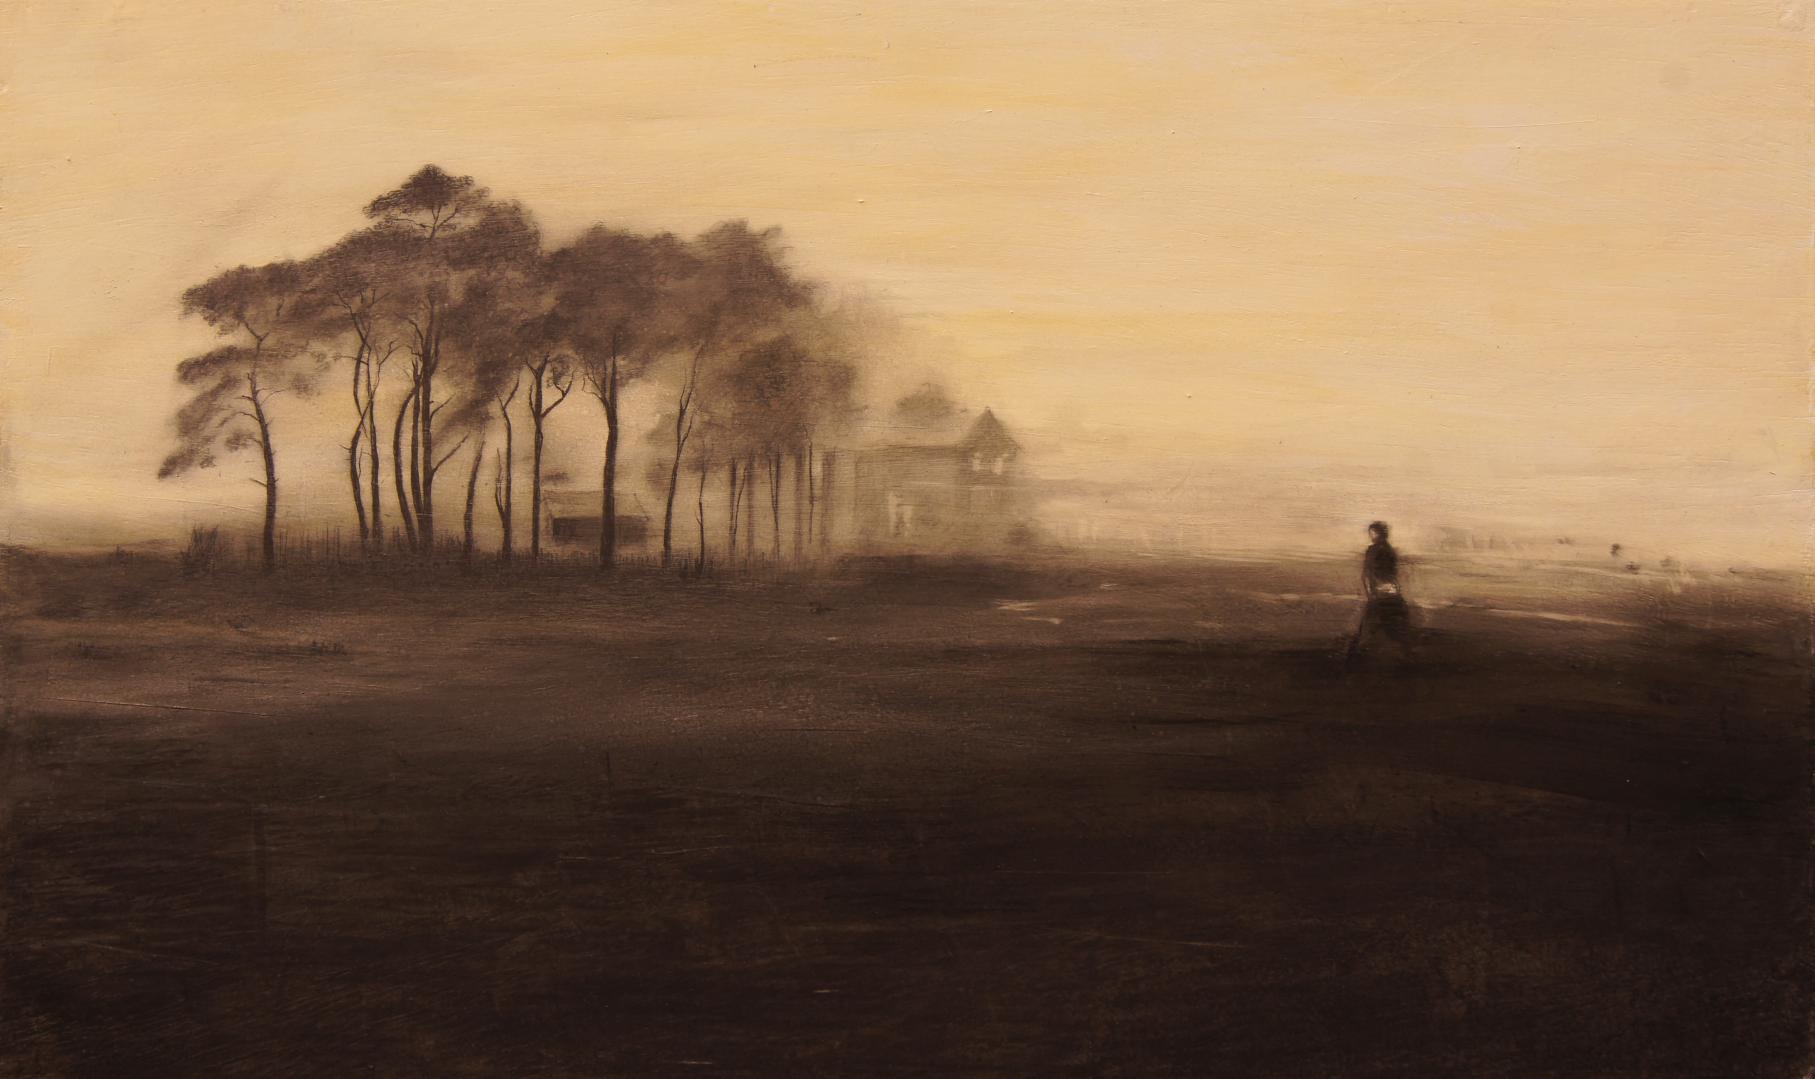 Sueño (2018) - Alicia Castilla Marquez